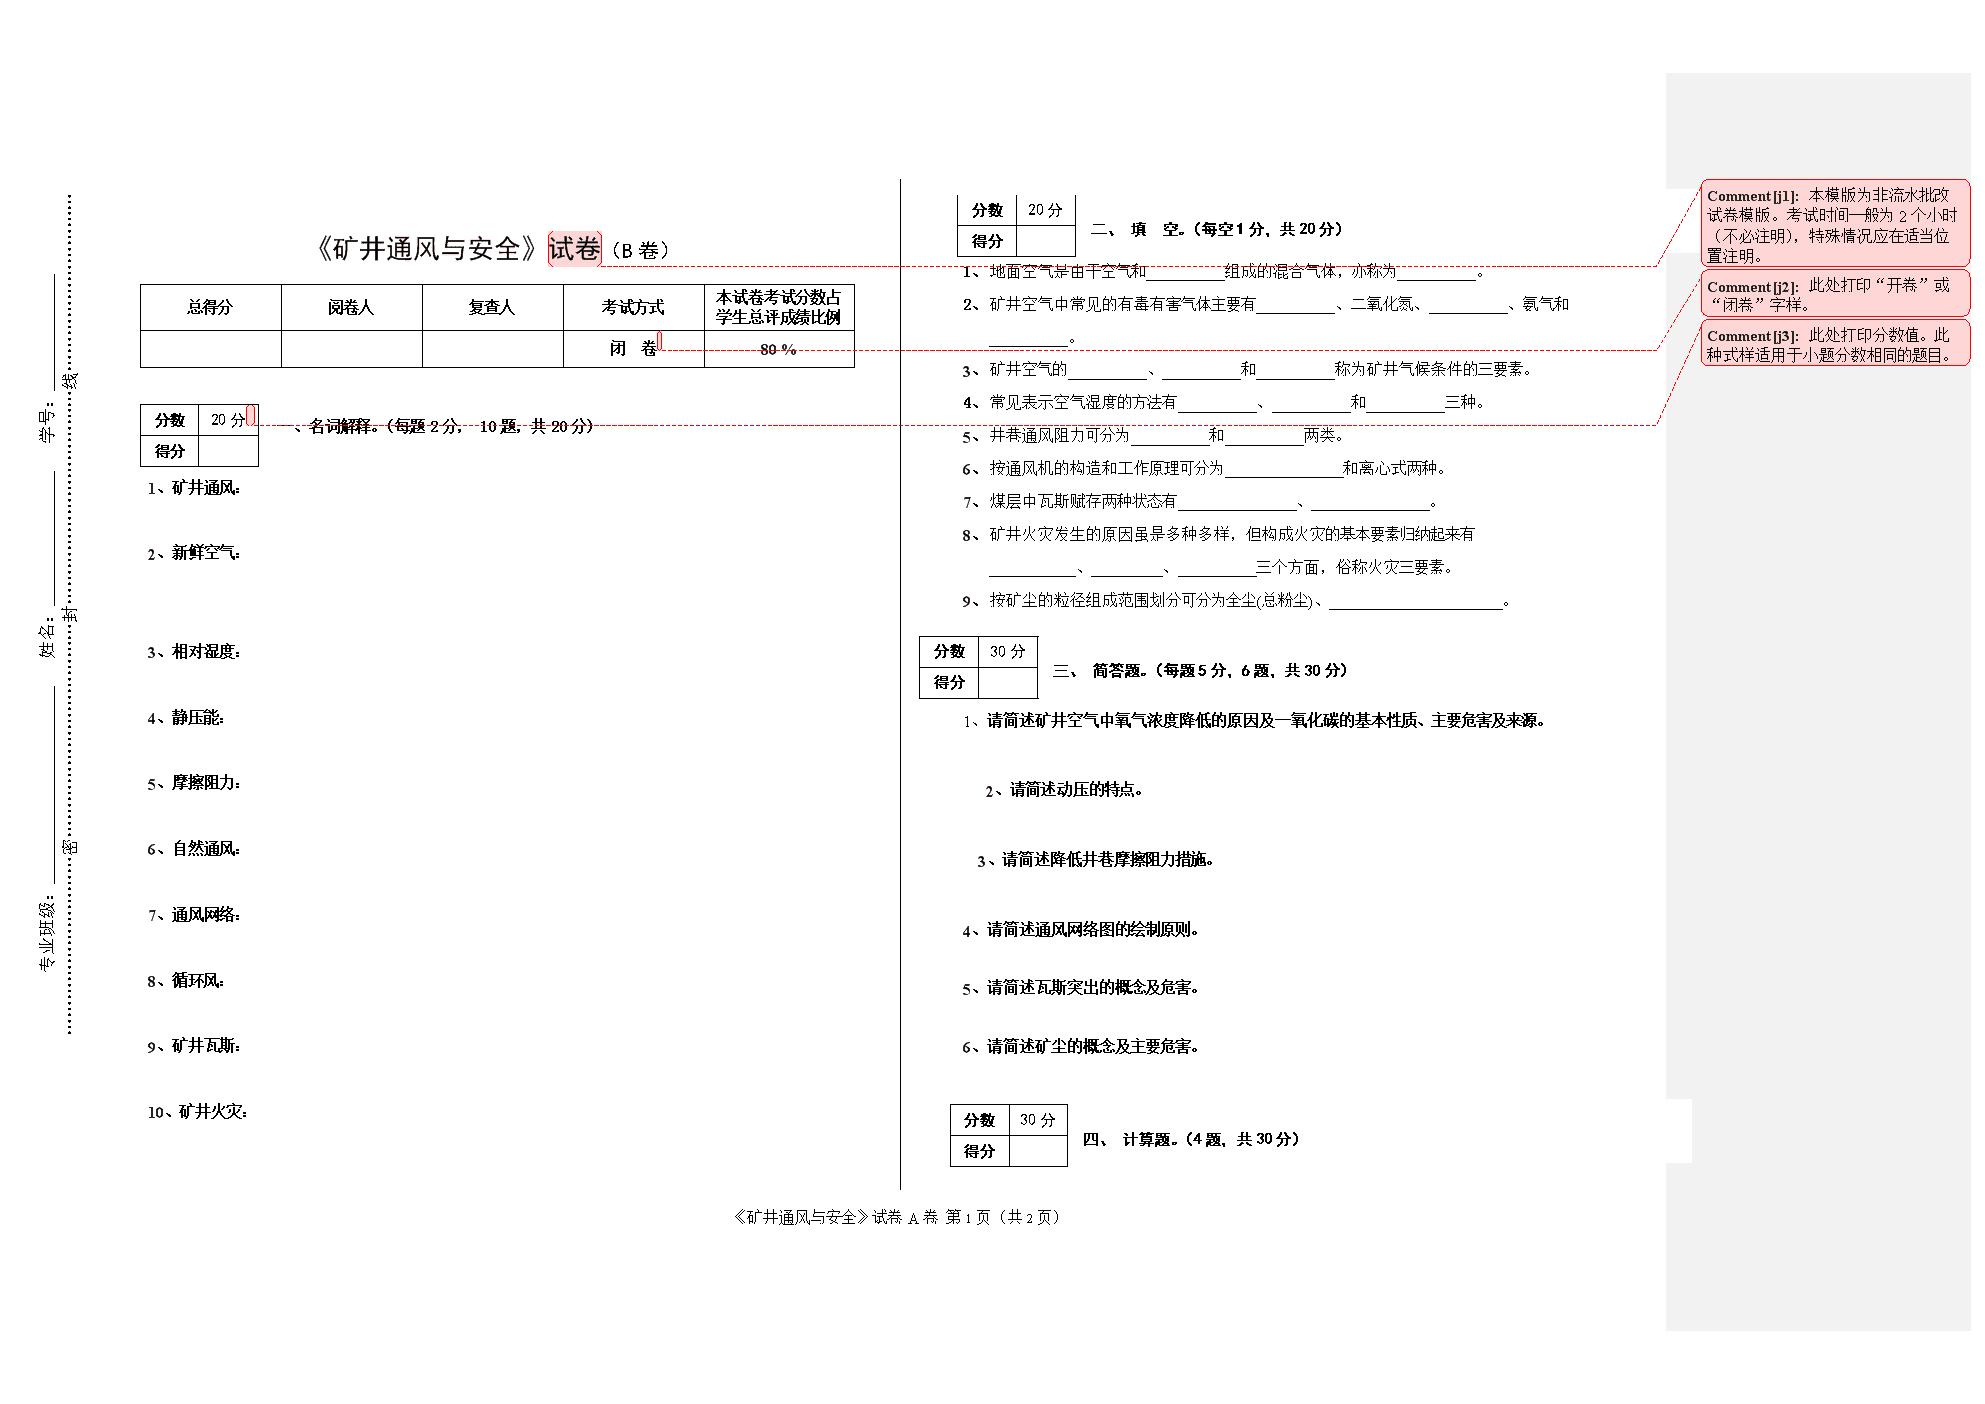 《礦井通風與安全》試卷(B卷).doc